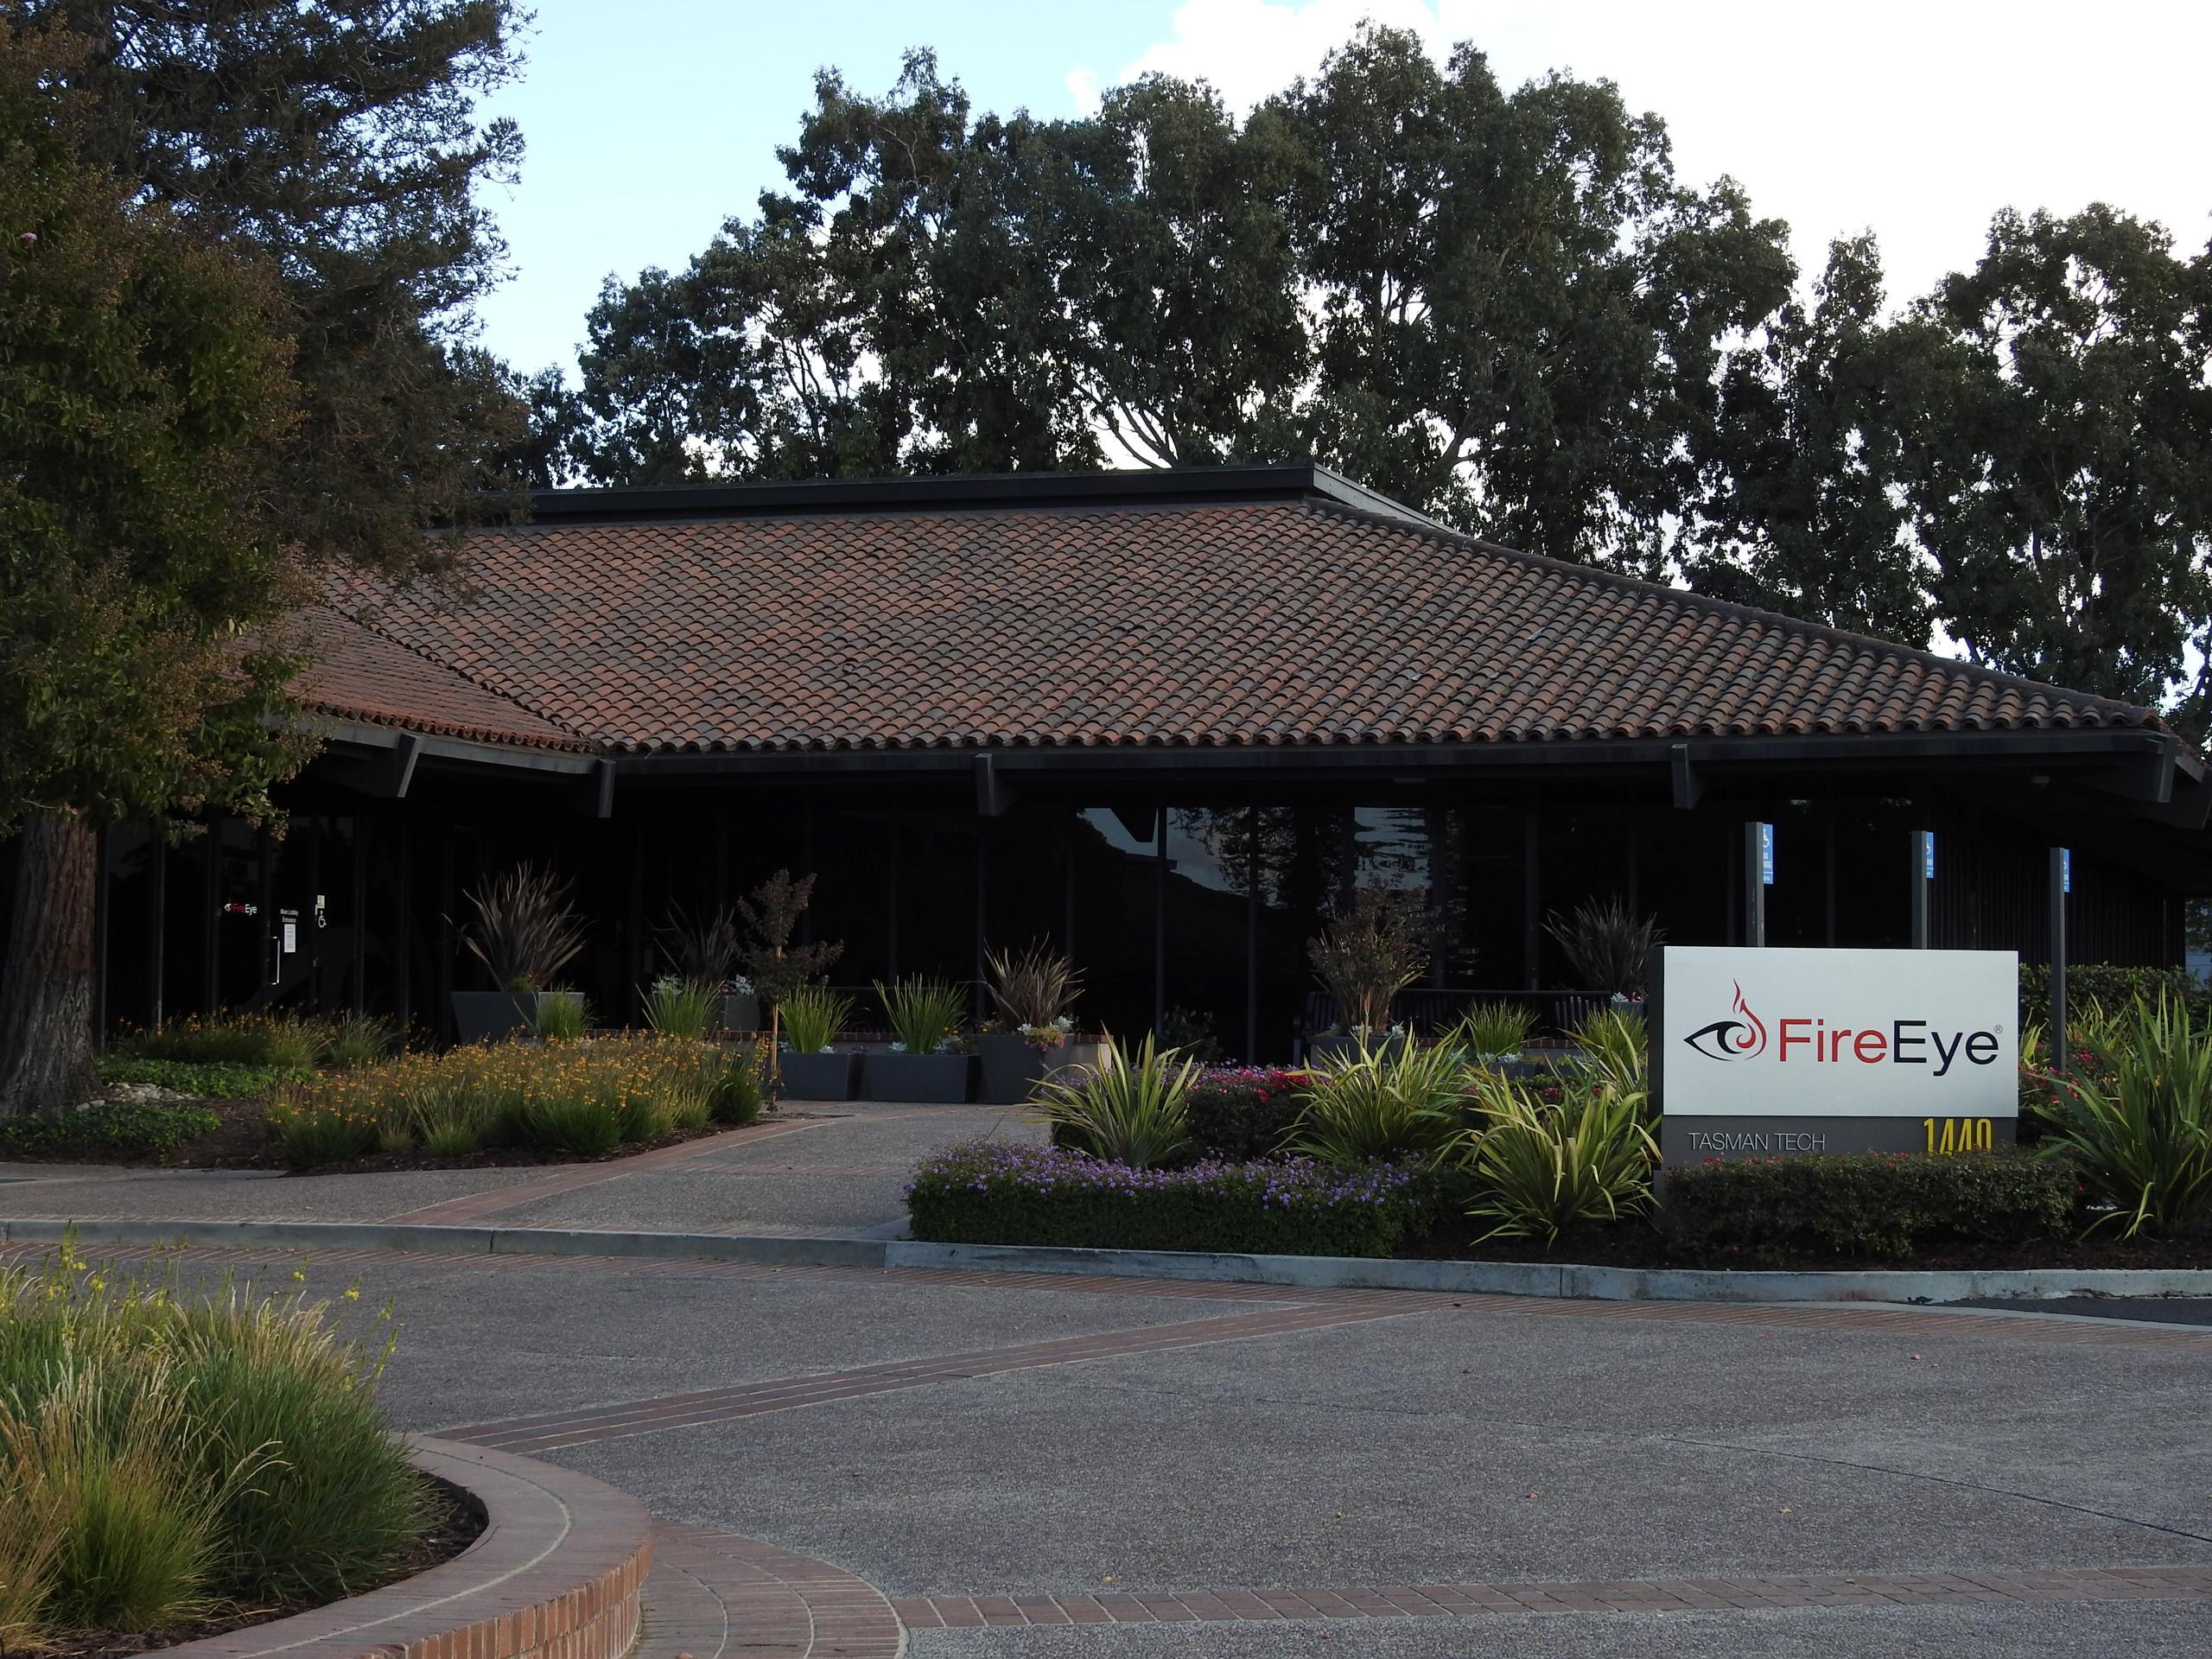 fireeye-milpitas-campus2